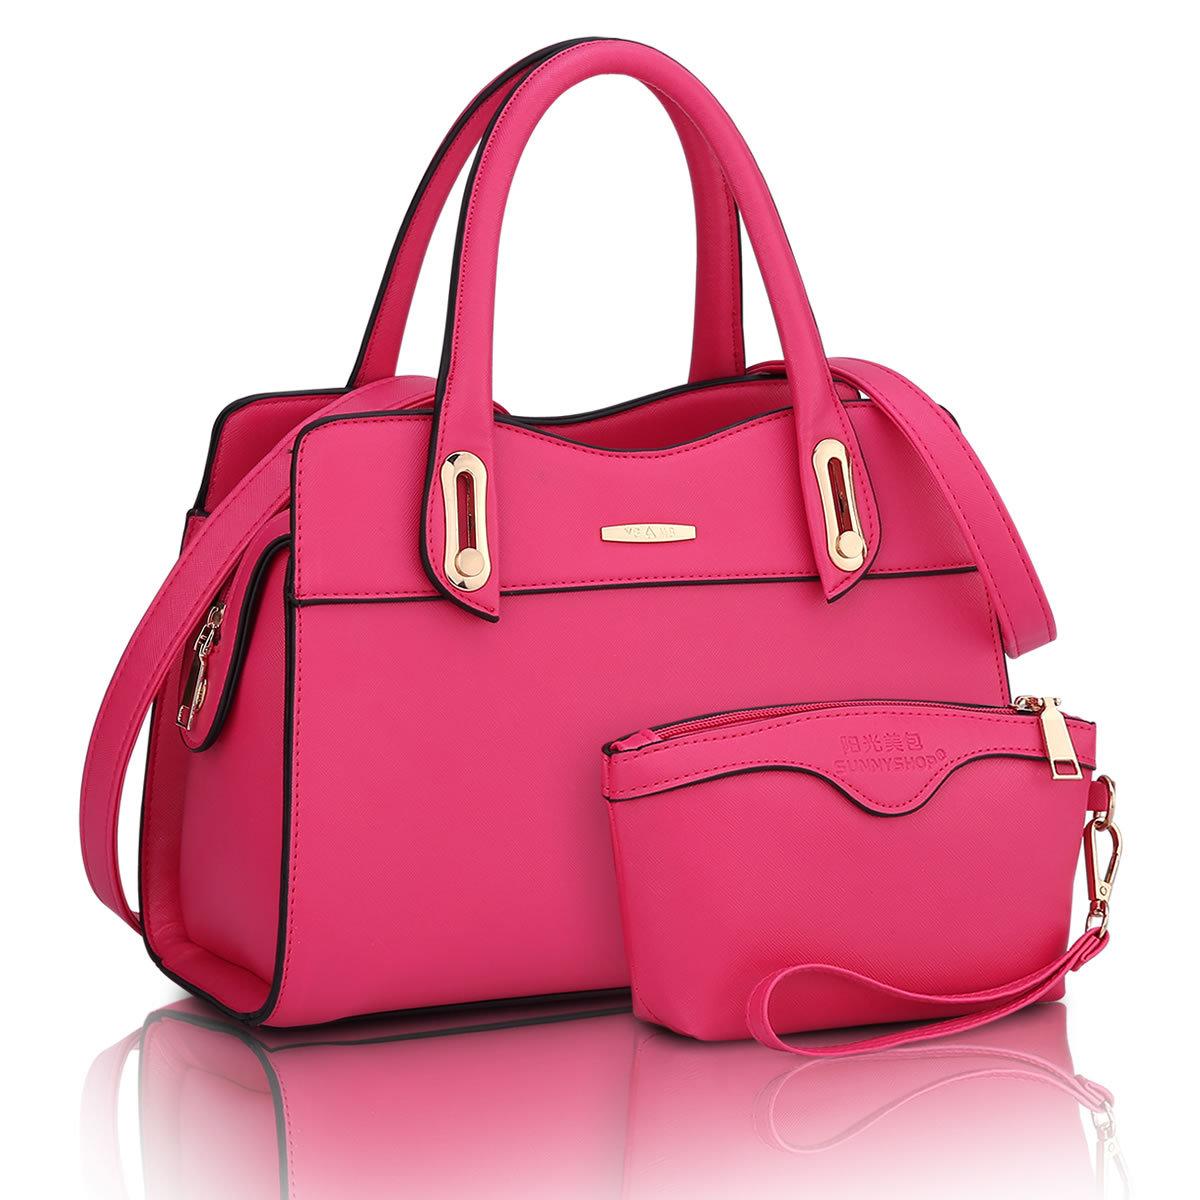 ขายส่ง กระเป๋าผู้หญิงถือและสะพายข้าง เซ็ต 2 ใบ แฟชั่นยุโรป Sunny-714 แท้ สีเบานเย็น